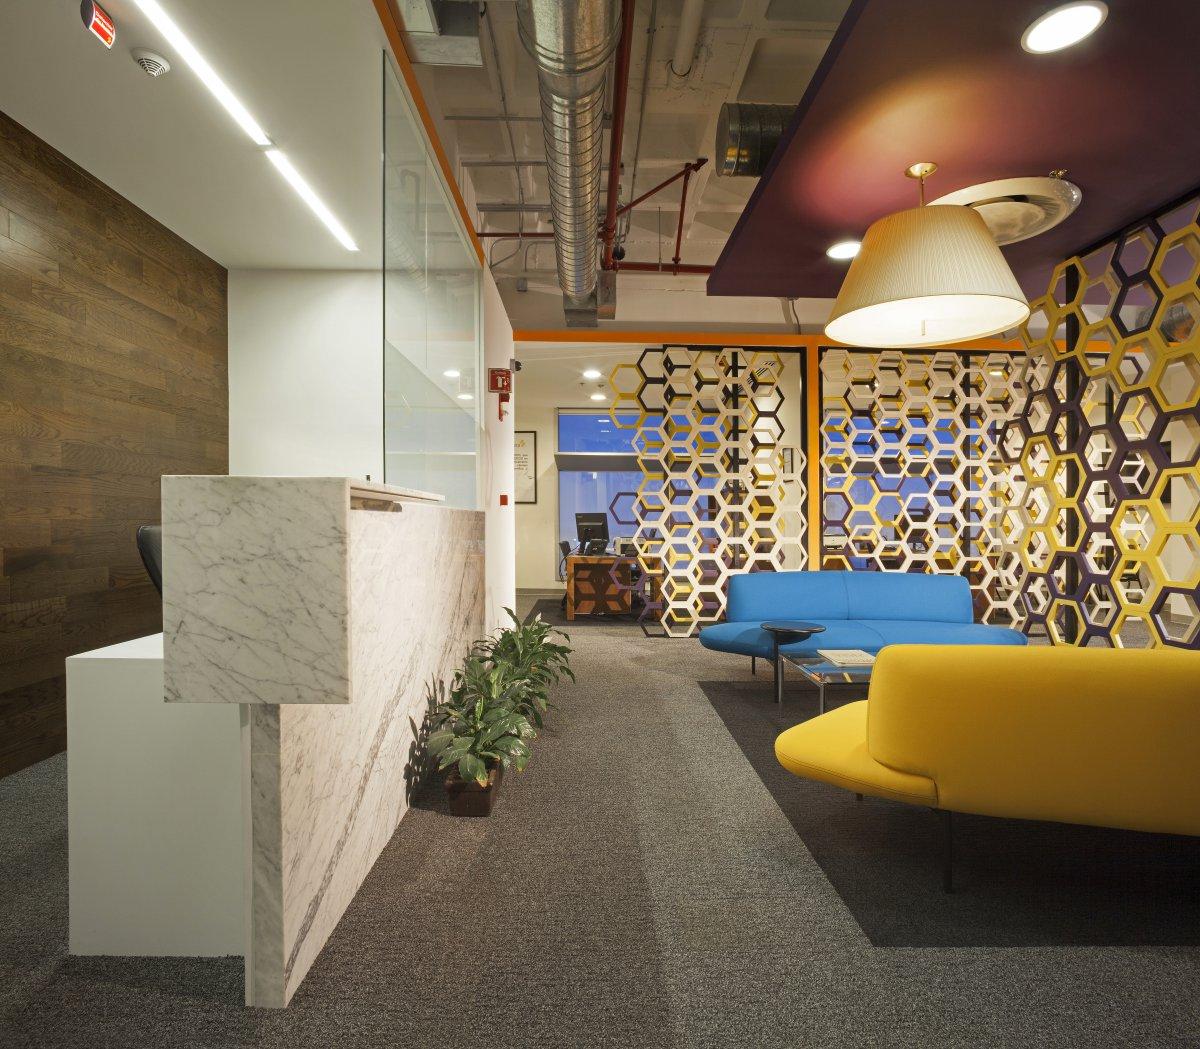 oficinas astra zeneca-mexico-by-space-arquitectura-juan-carlos-baumgartner-recepcion-2